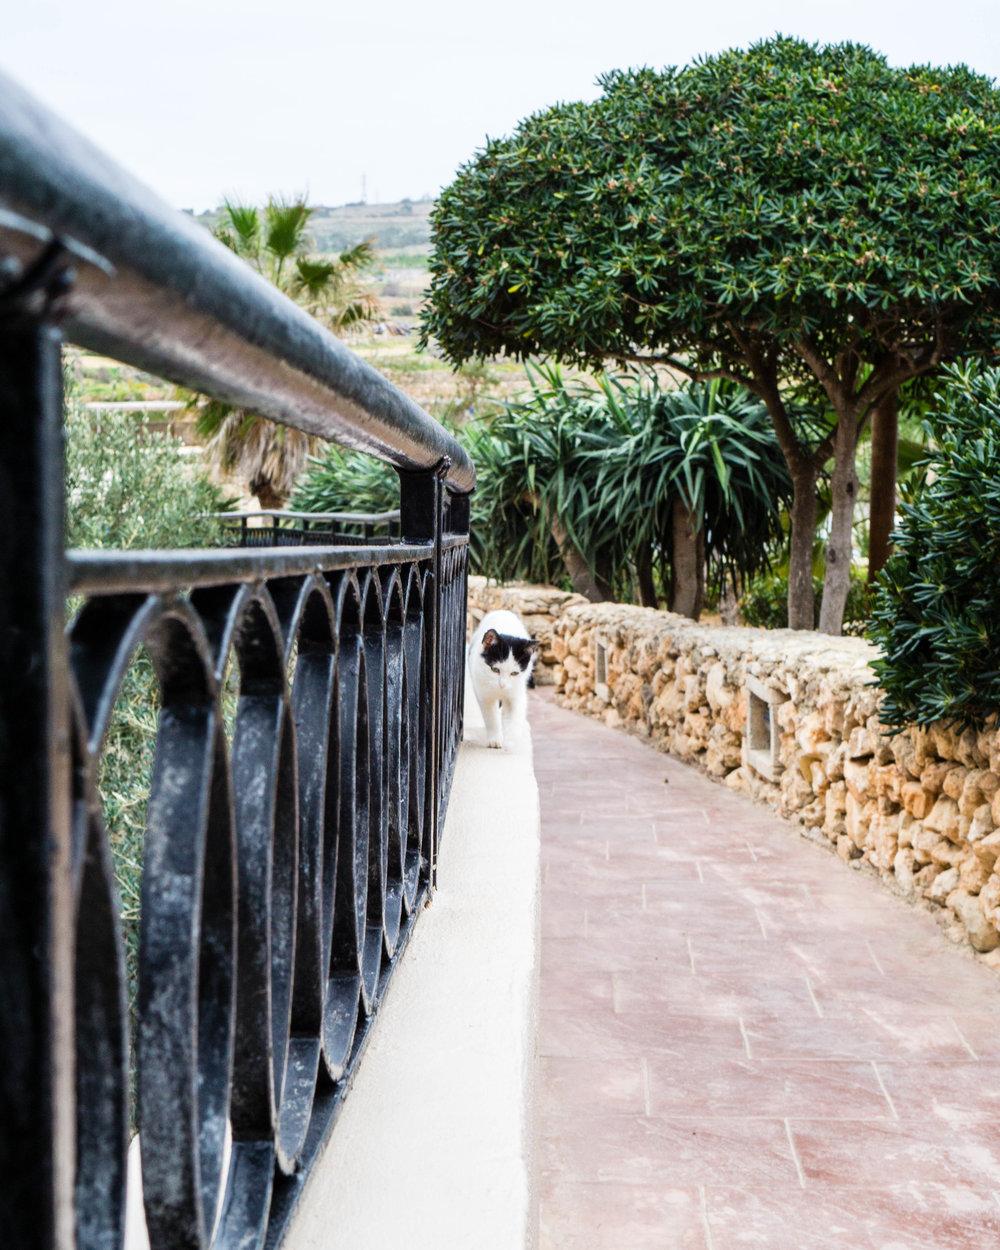 Cat, Malta